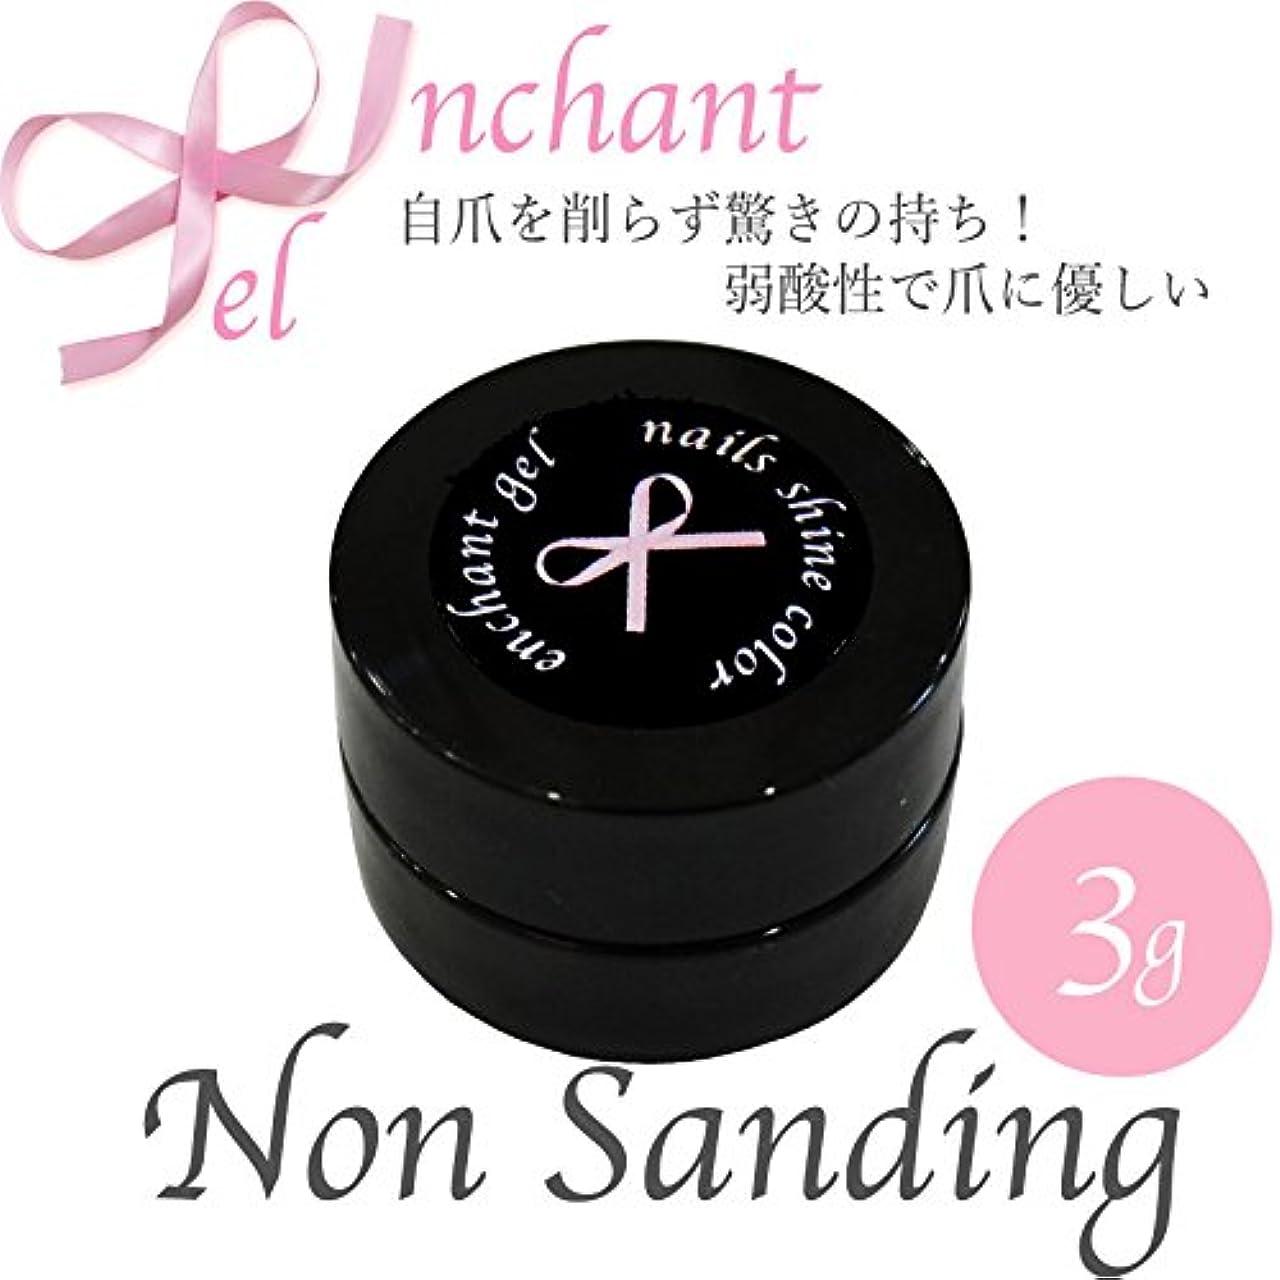 意外サーキットに行く黒人enchant gel non sanding base gel 3g / エンチャントジェル ノンサンディングベースジェル 3グラム